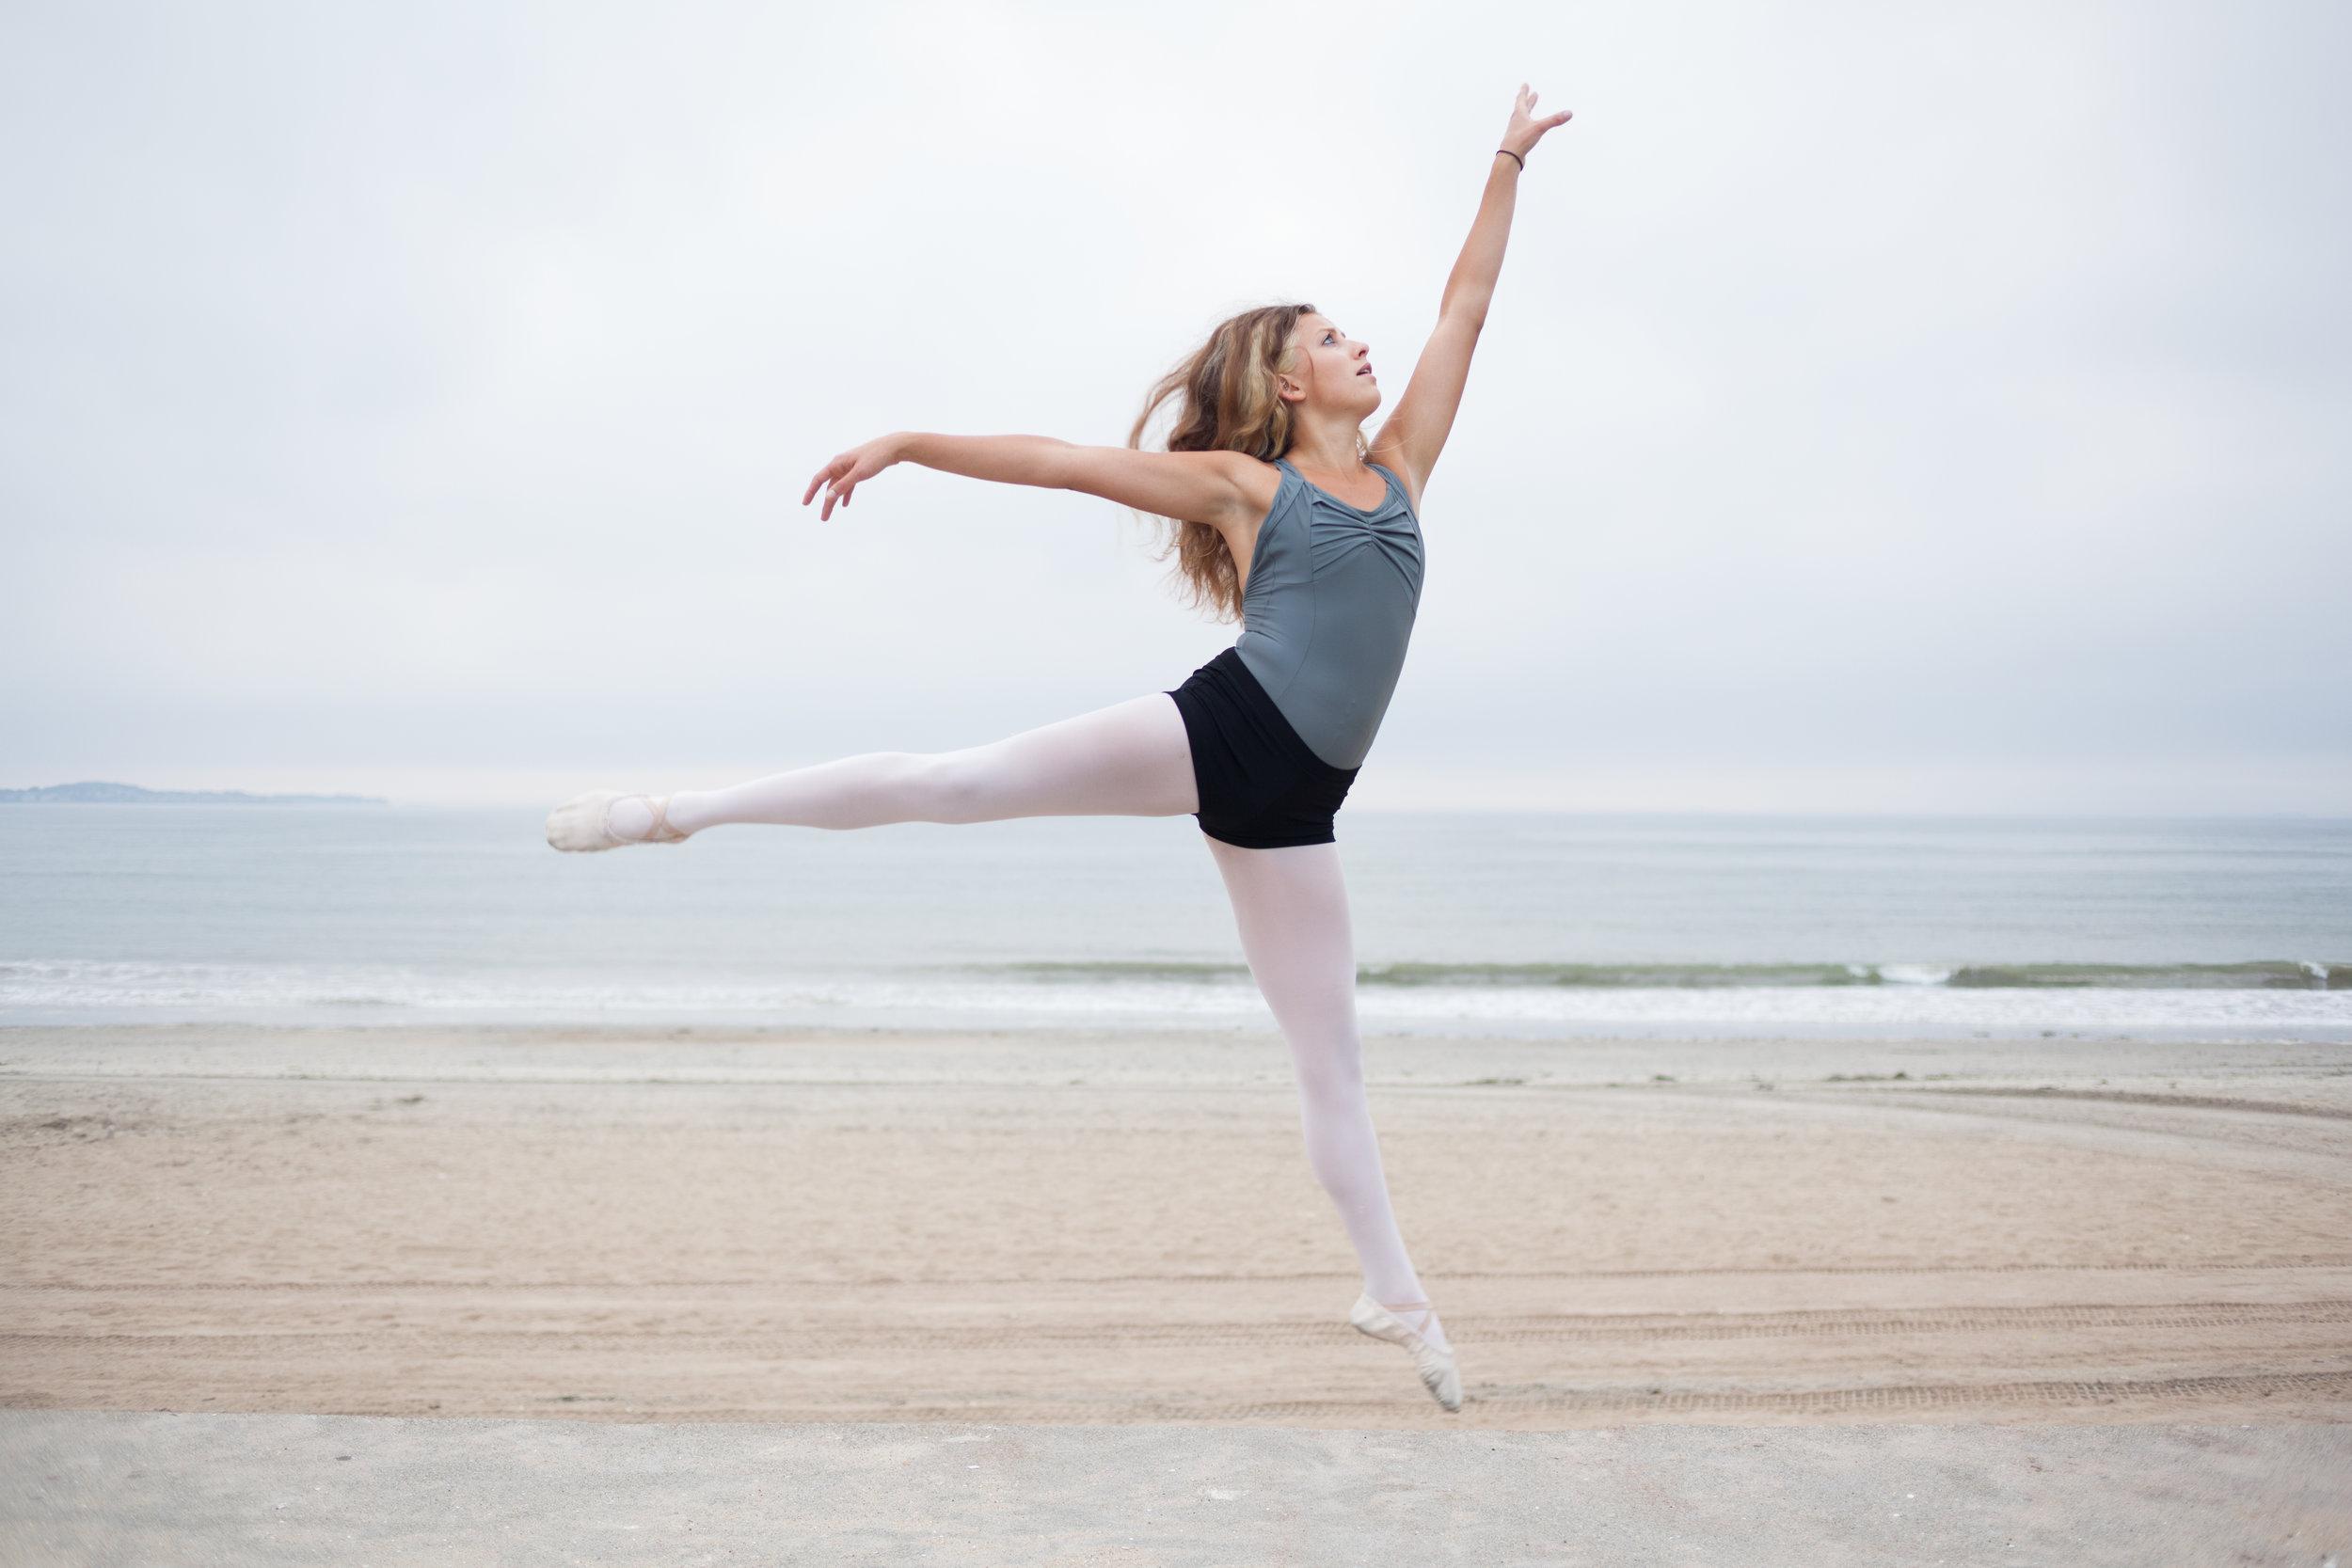 Kassie_Dance_Revere-3.jpg